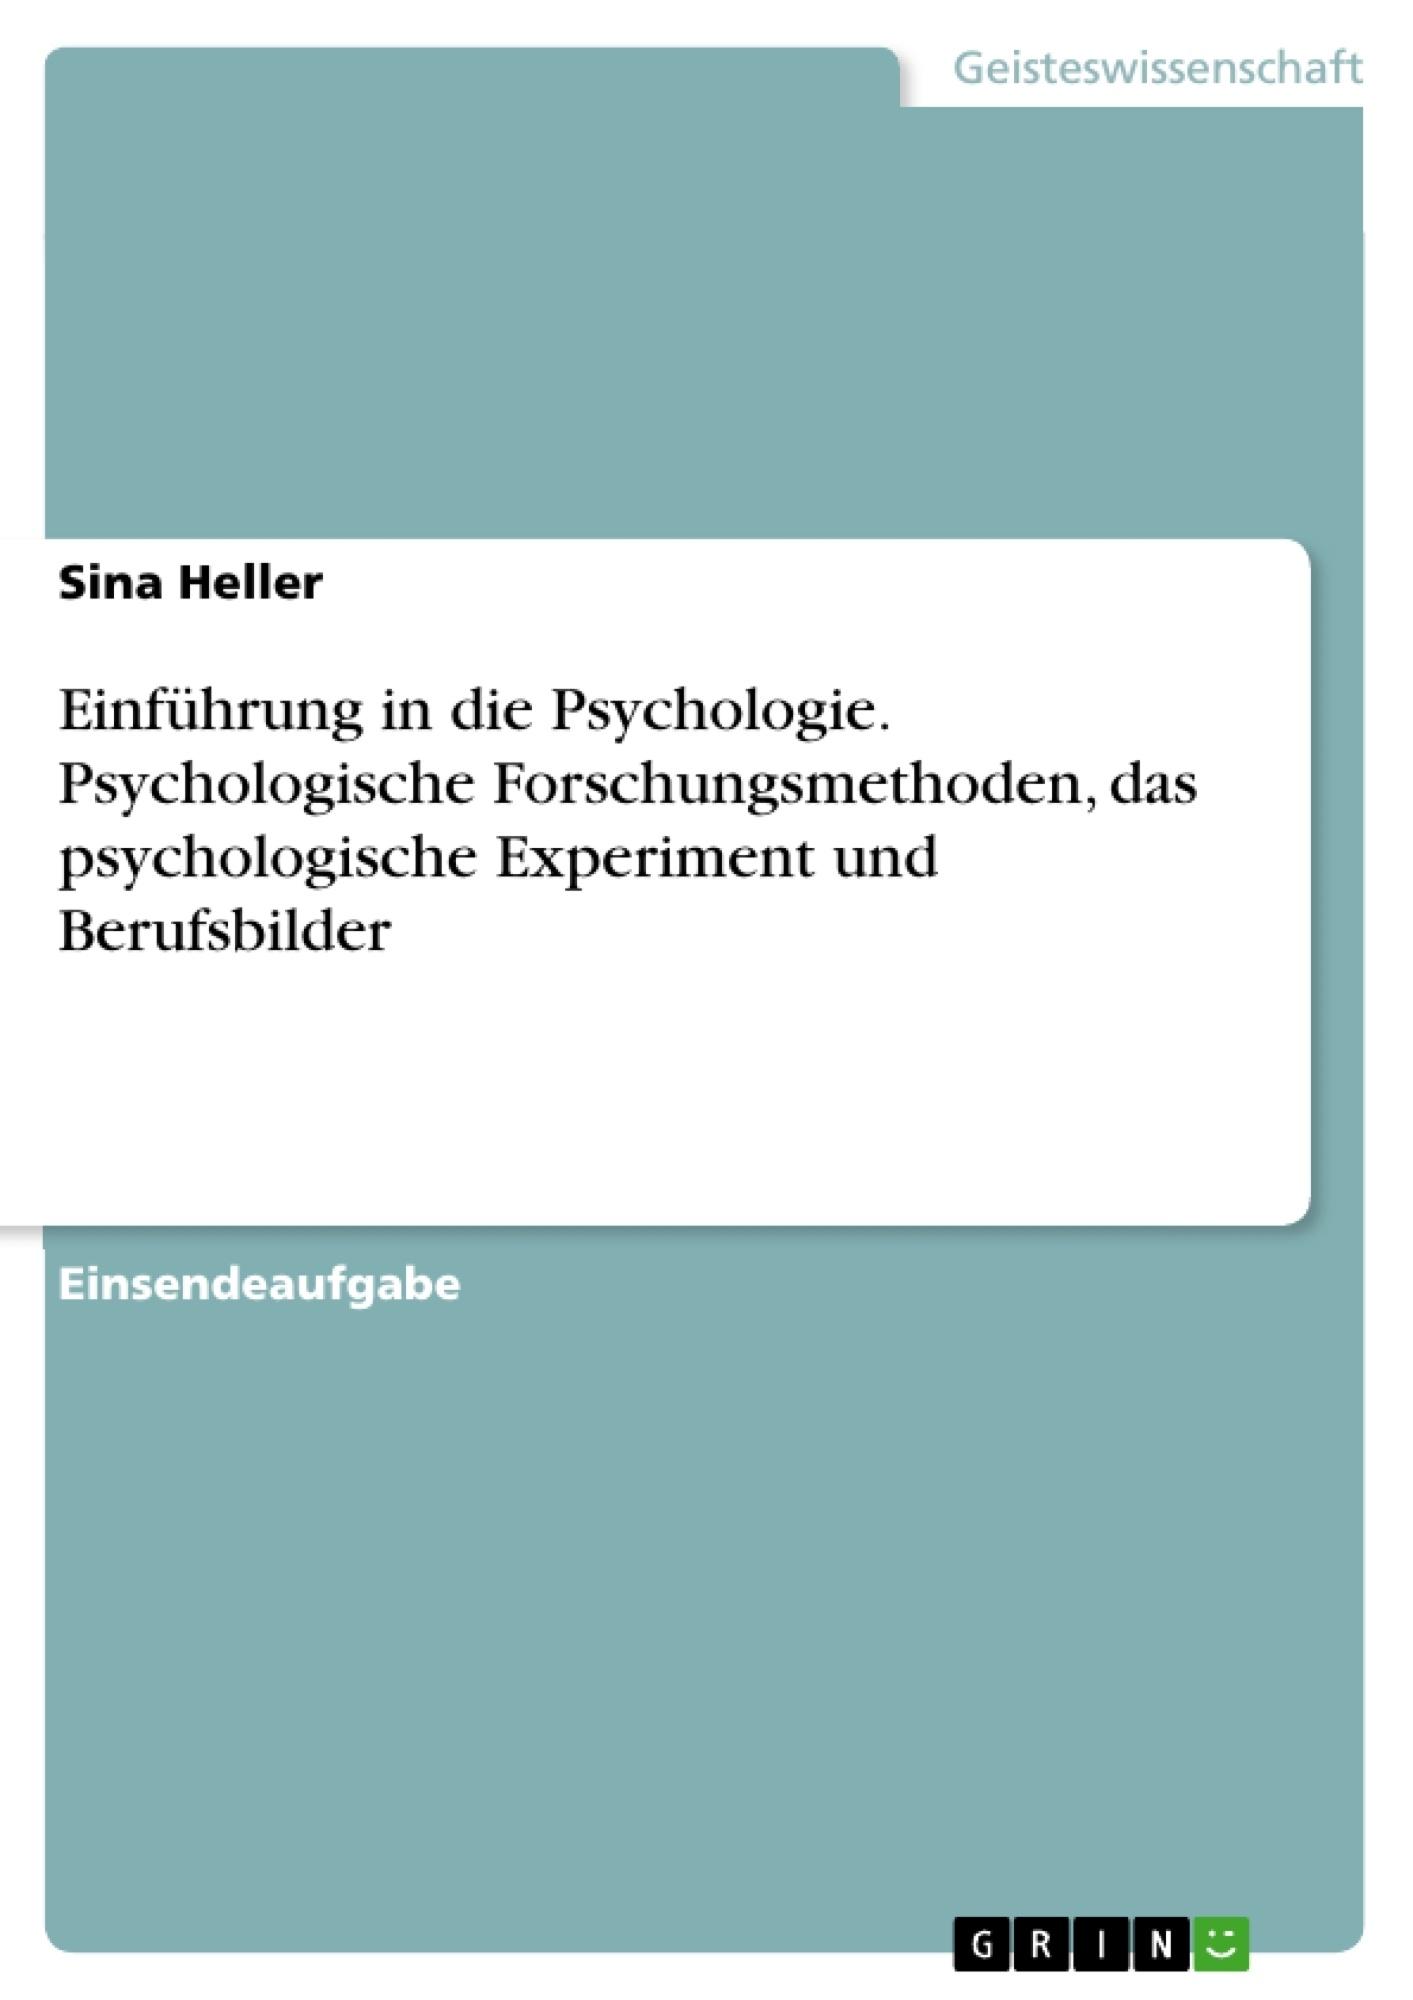 Titel: Einführung in die Psychologie. Psychologische Forschungsmethoden, das psychologische Experiment und Berufsbilder